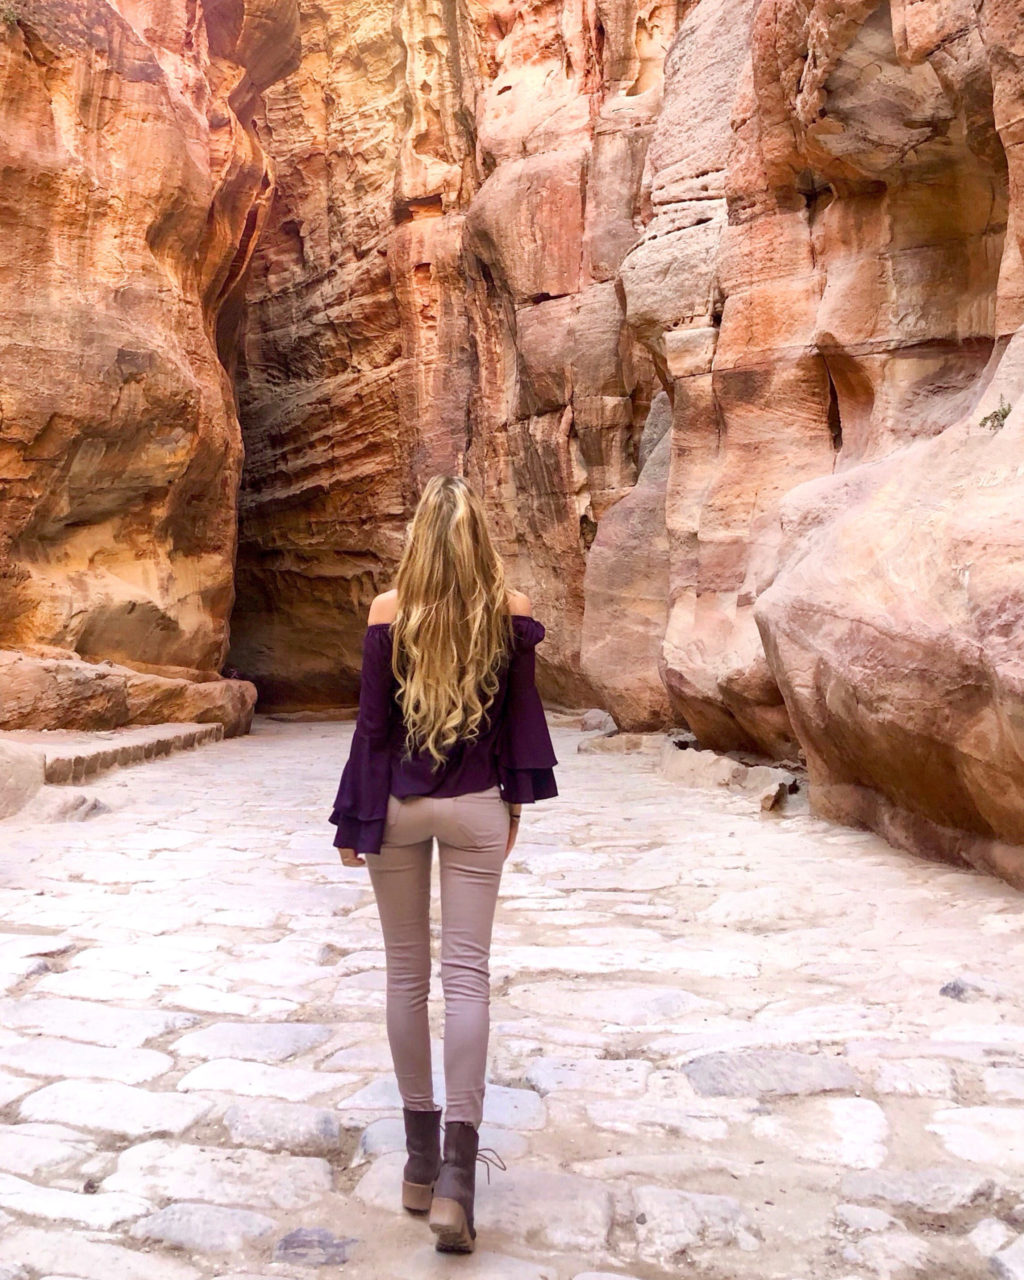 jordanie petra canyon